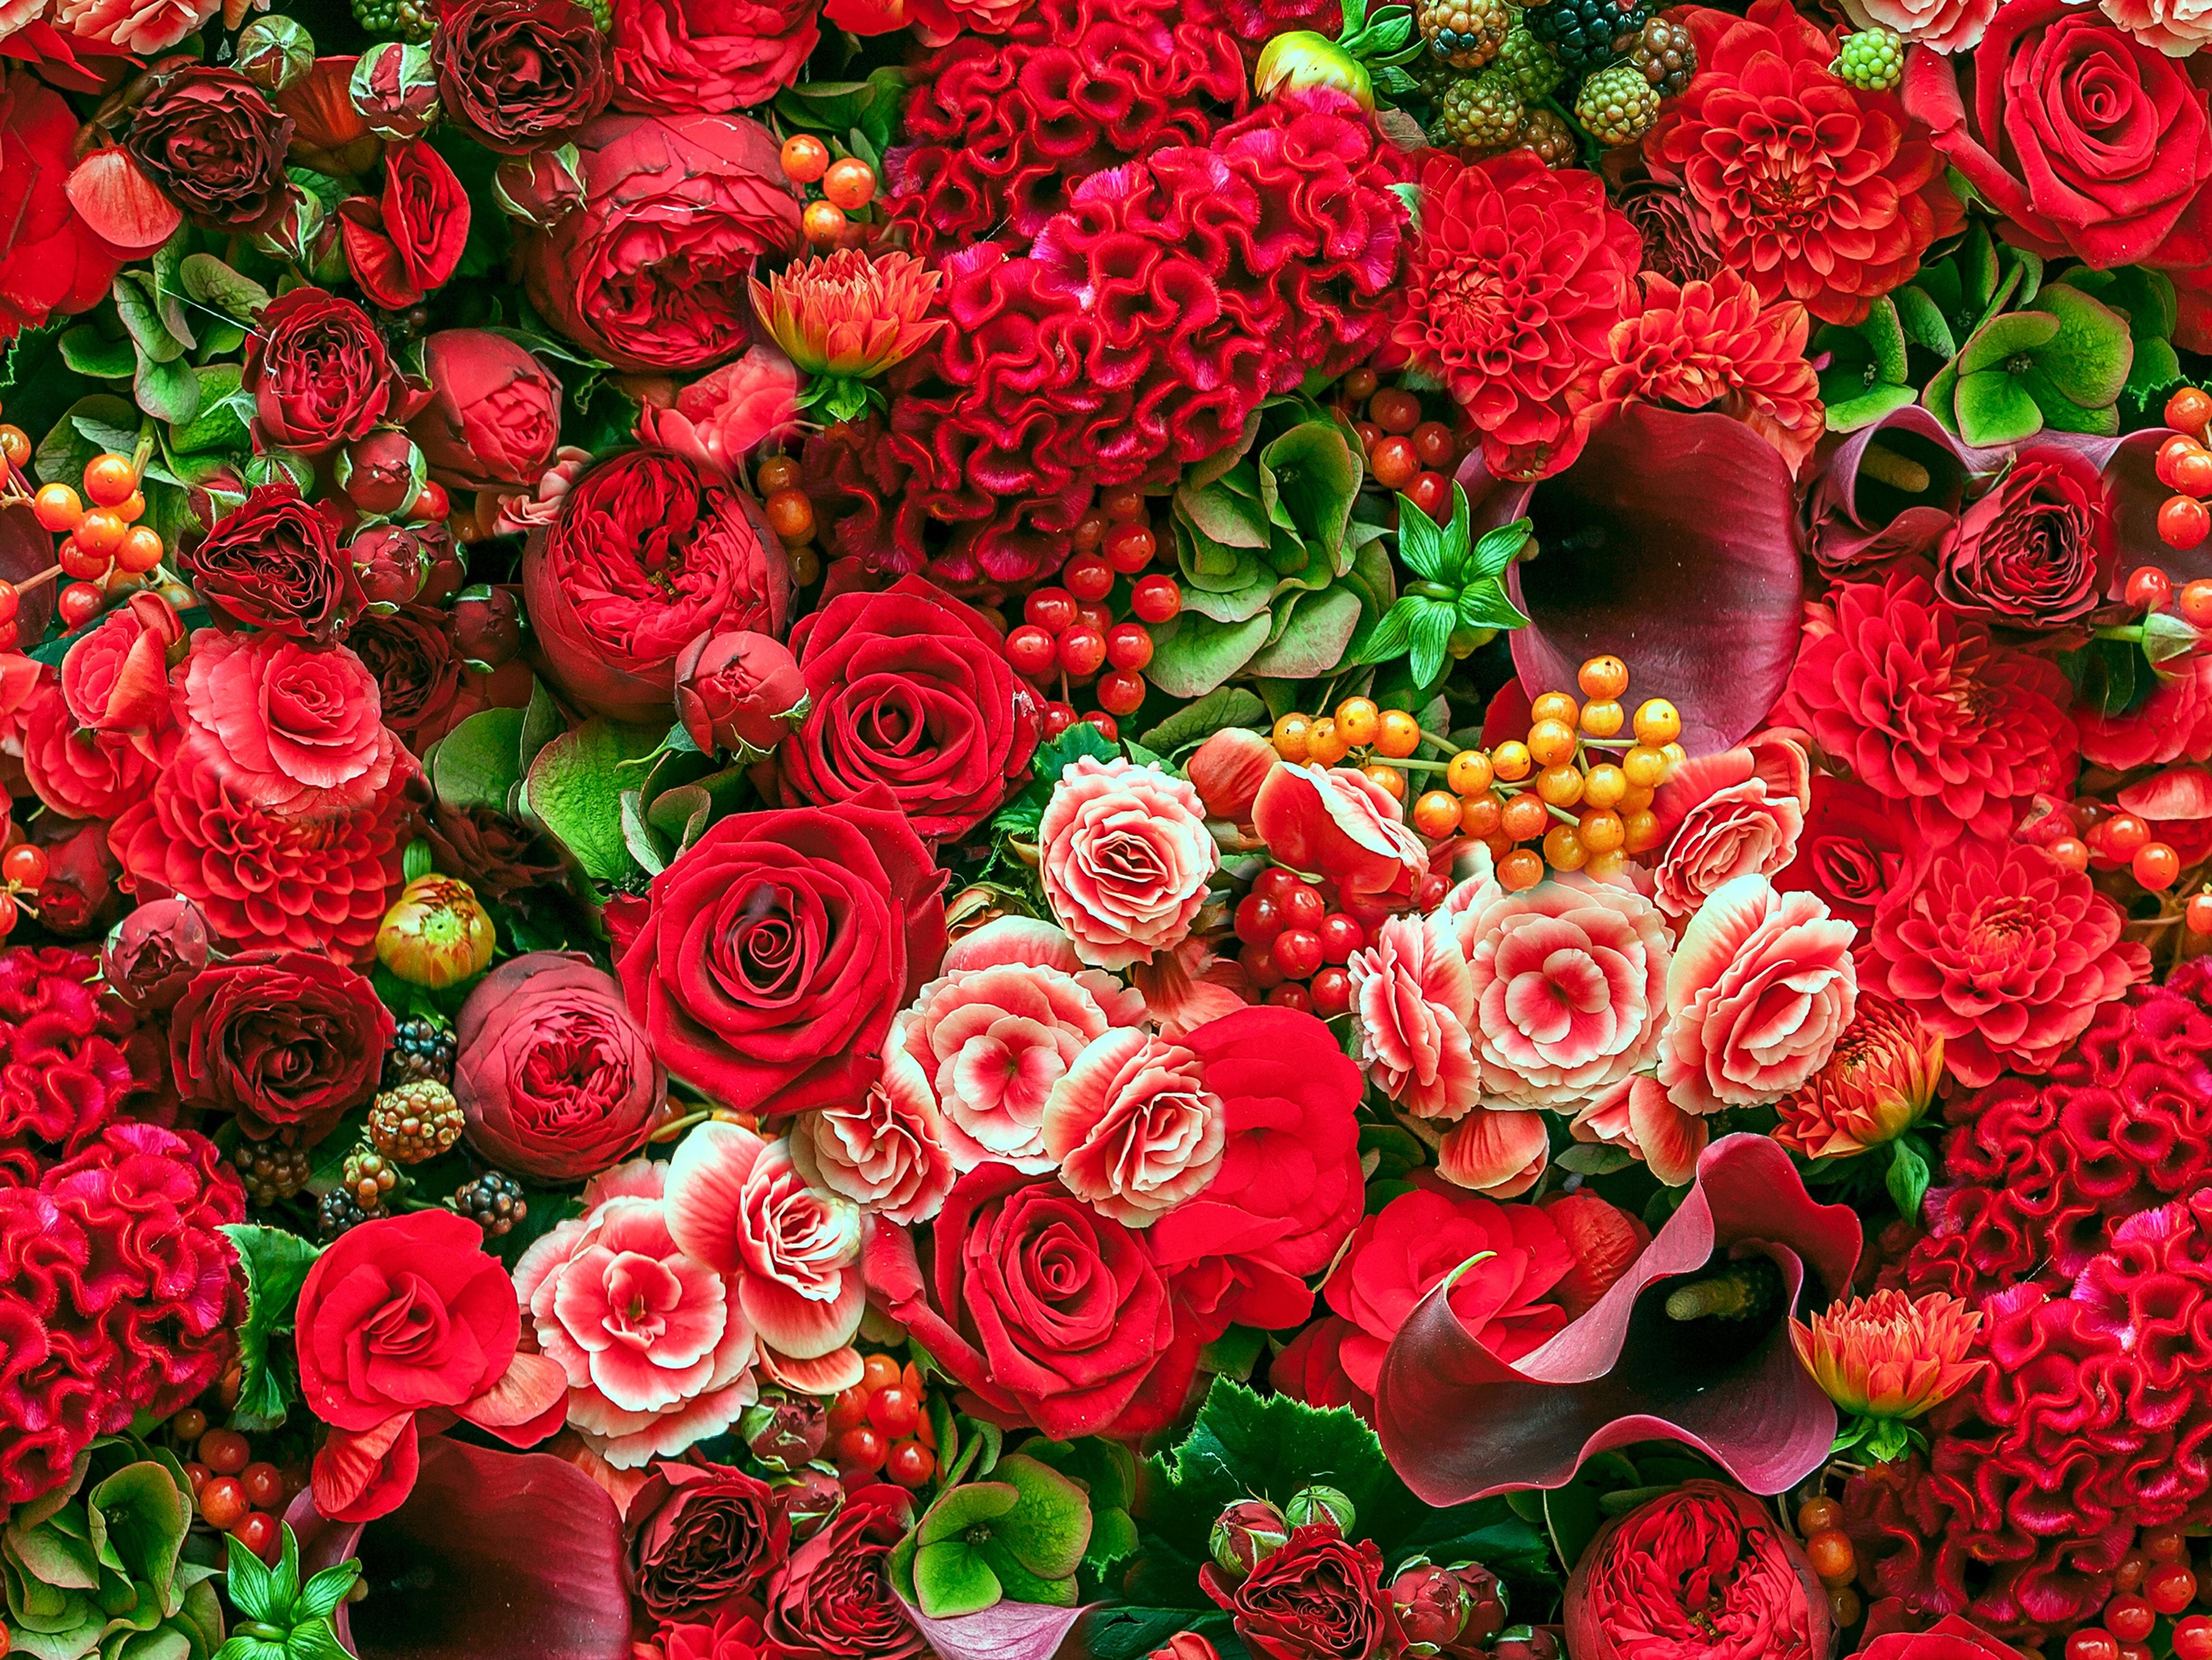 Коллекции луковиц цветов фото отзывы Купить коллекцию